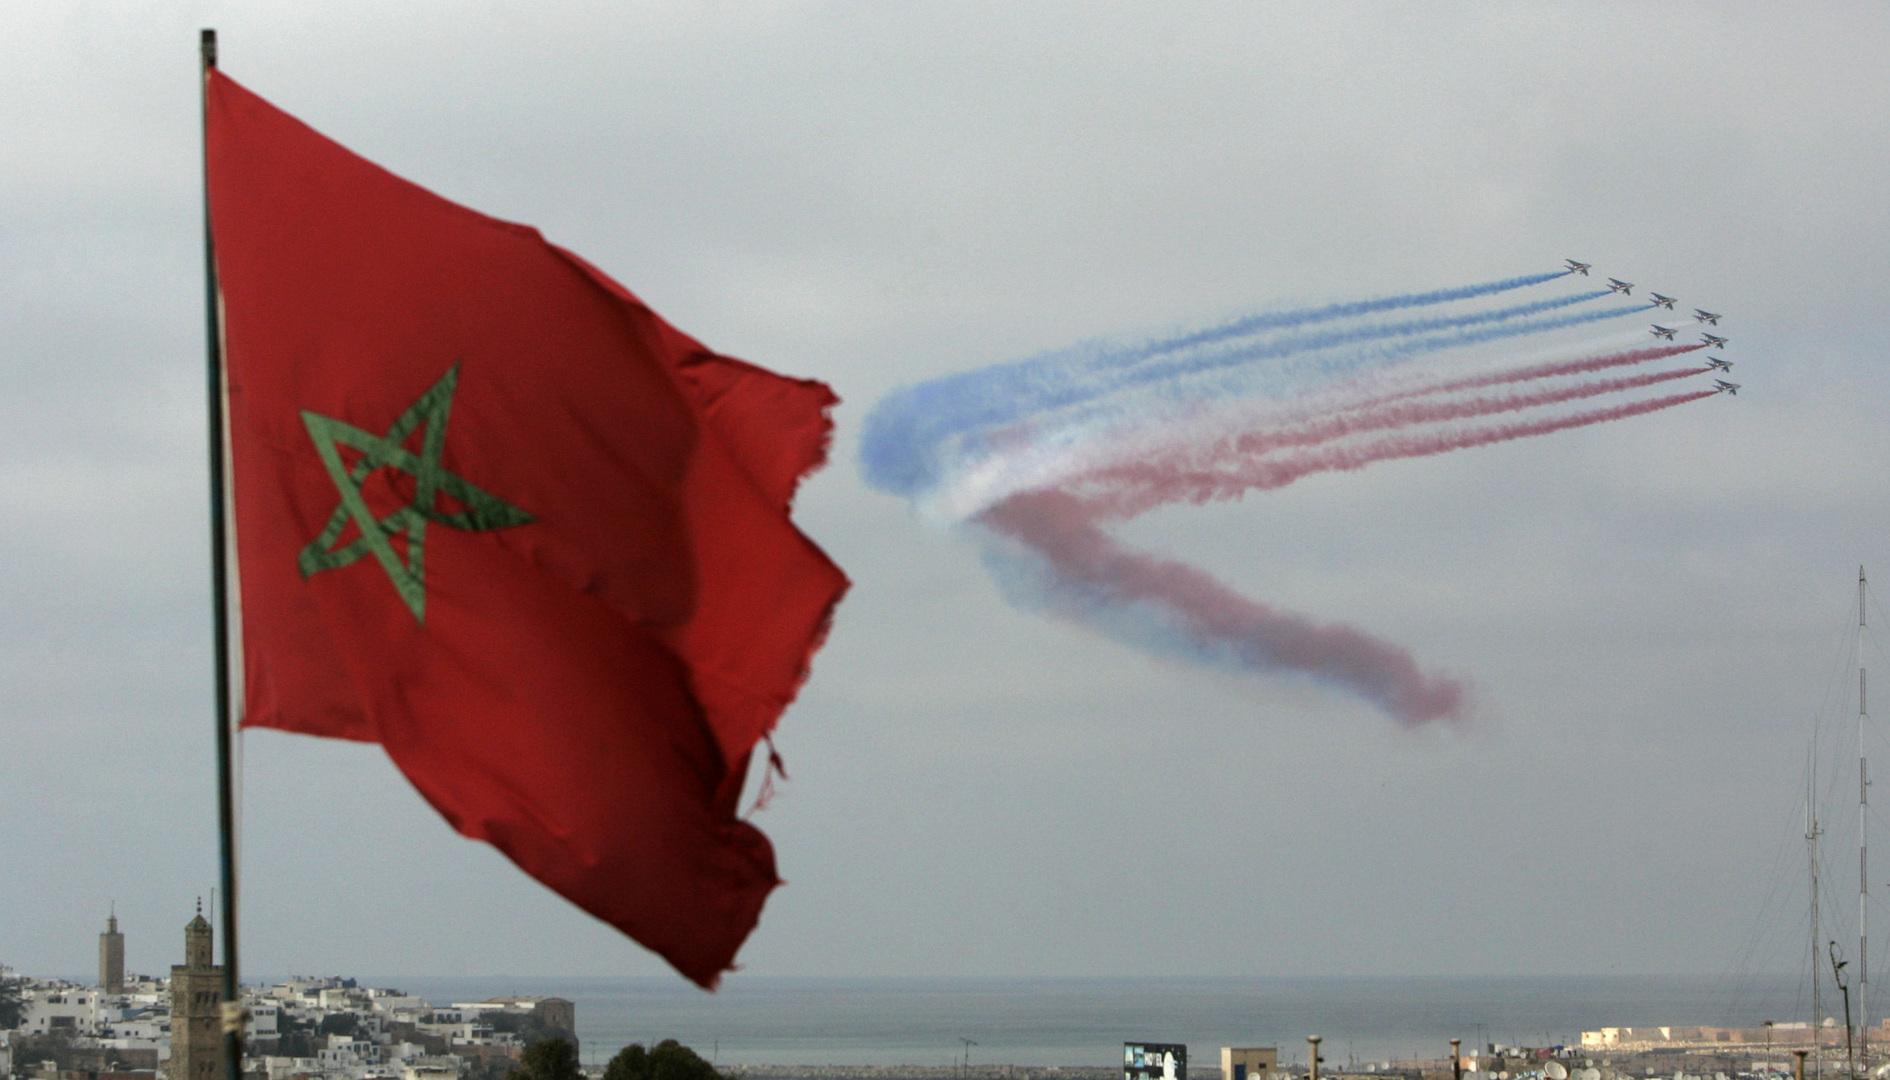 فرانس برس: المغرب سيغلق سفارته في الجزائر